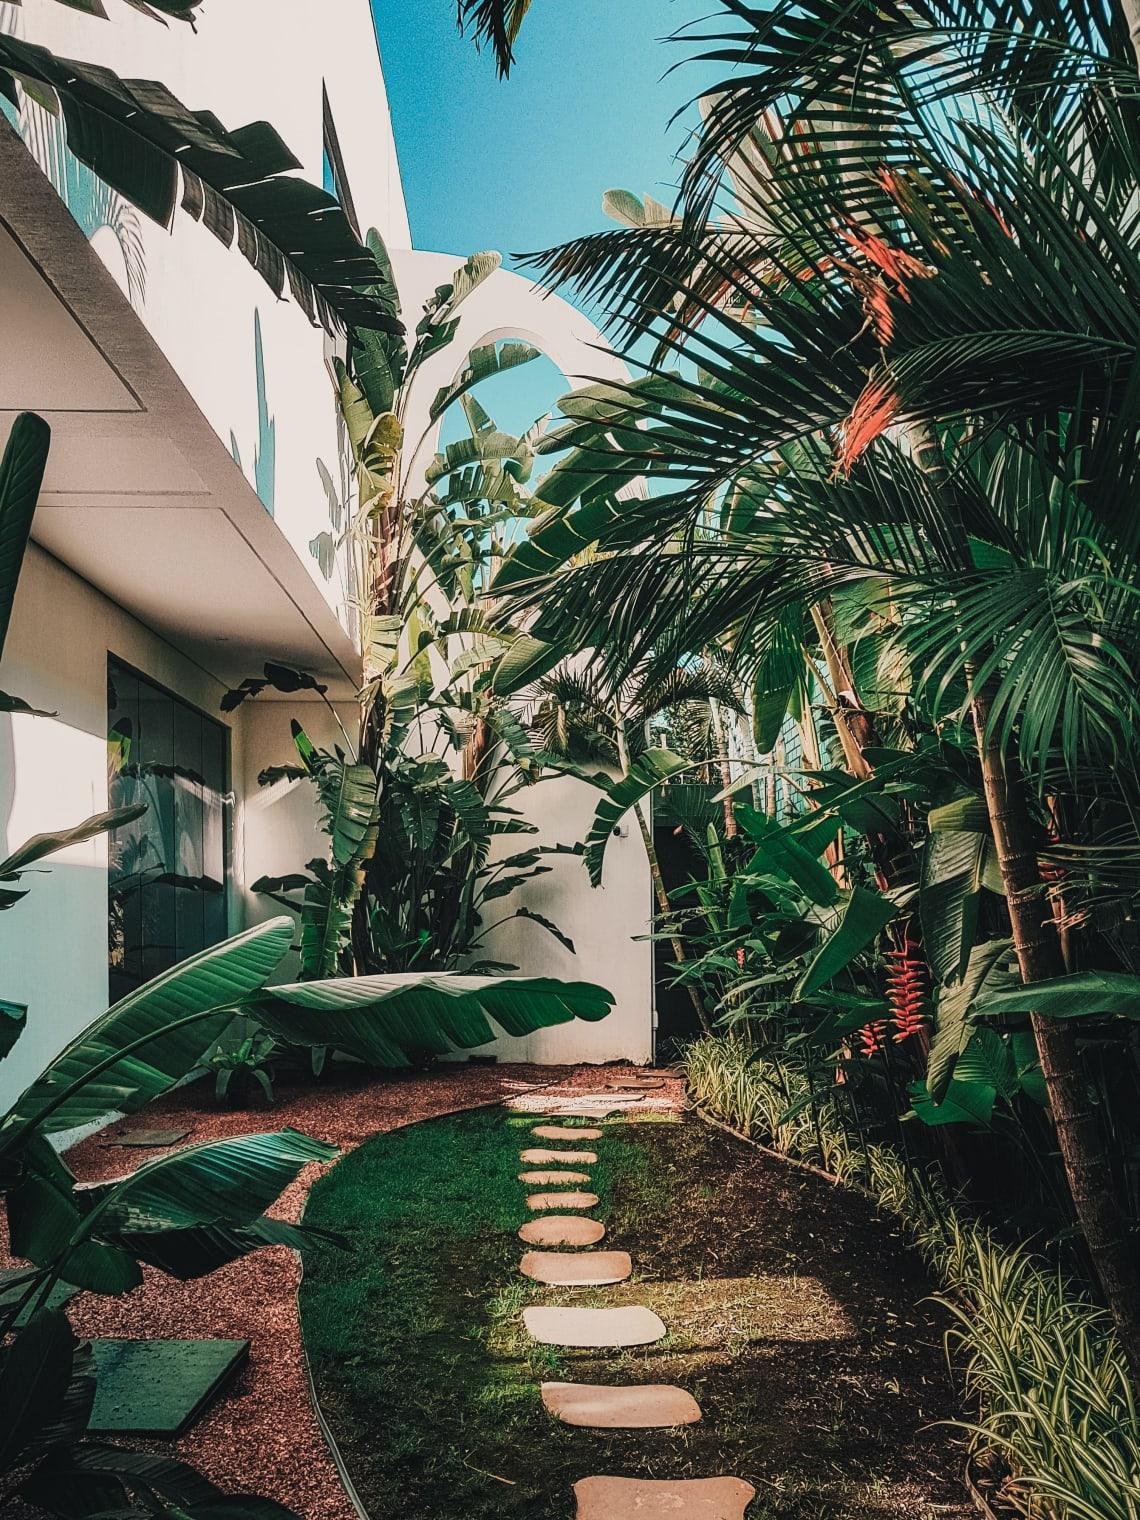 Stylish eco-friendly resort